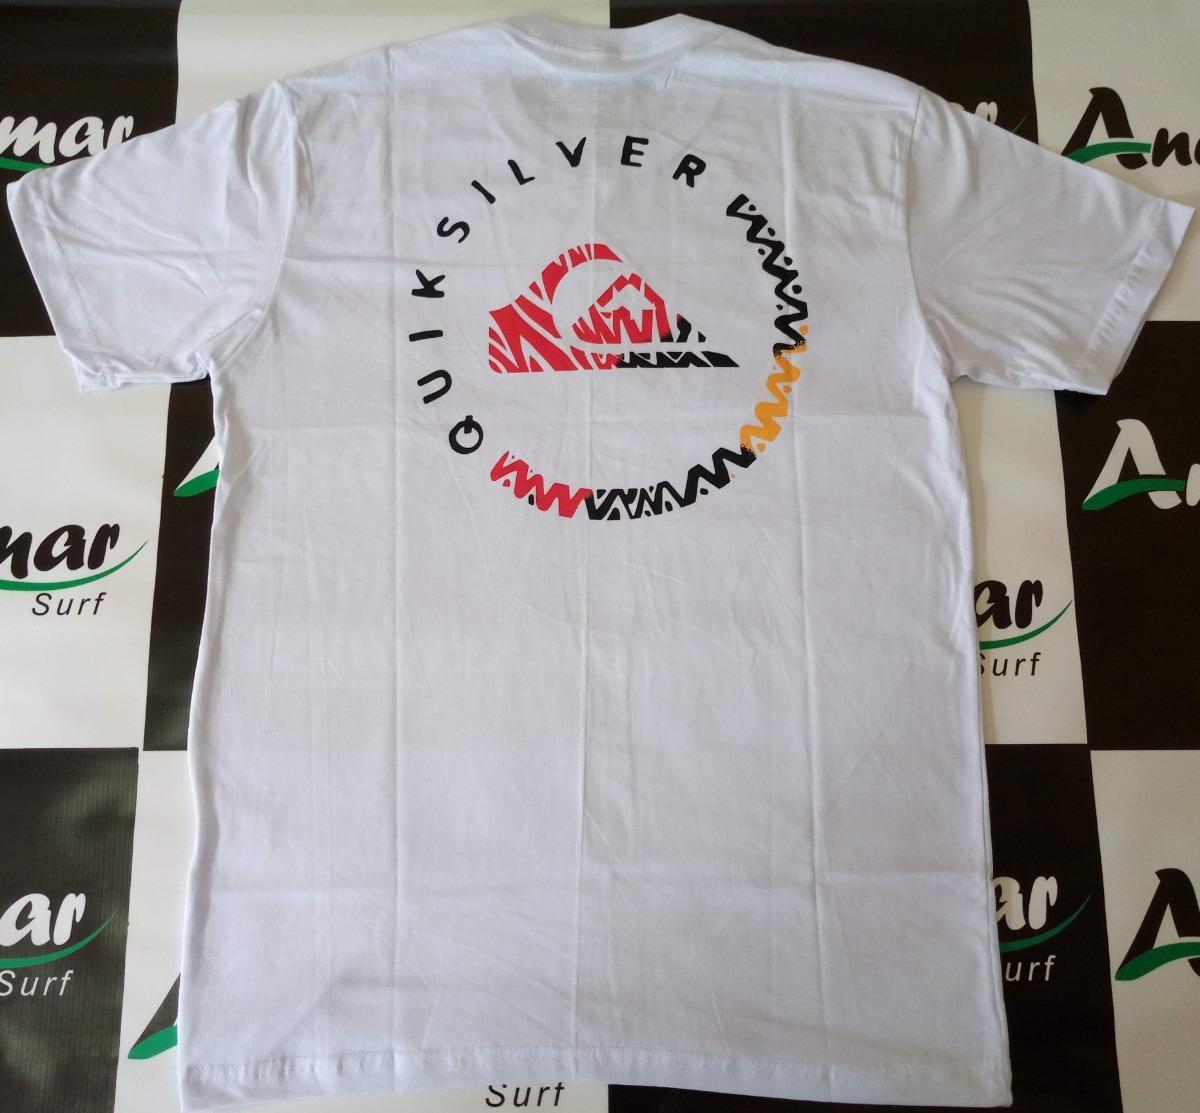 fa1ae4309198d Camiseta Quiksilver Original Masculina Top - Andimar Surf - R  54,00 ...